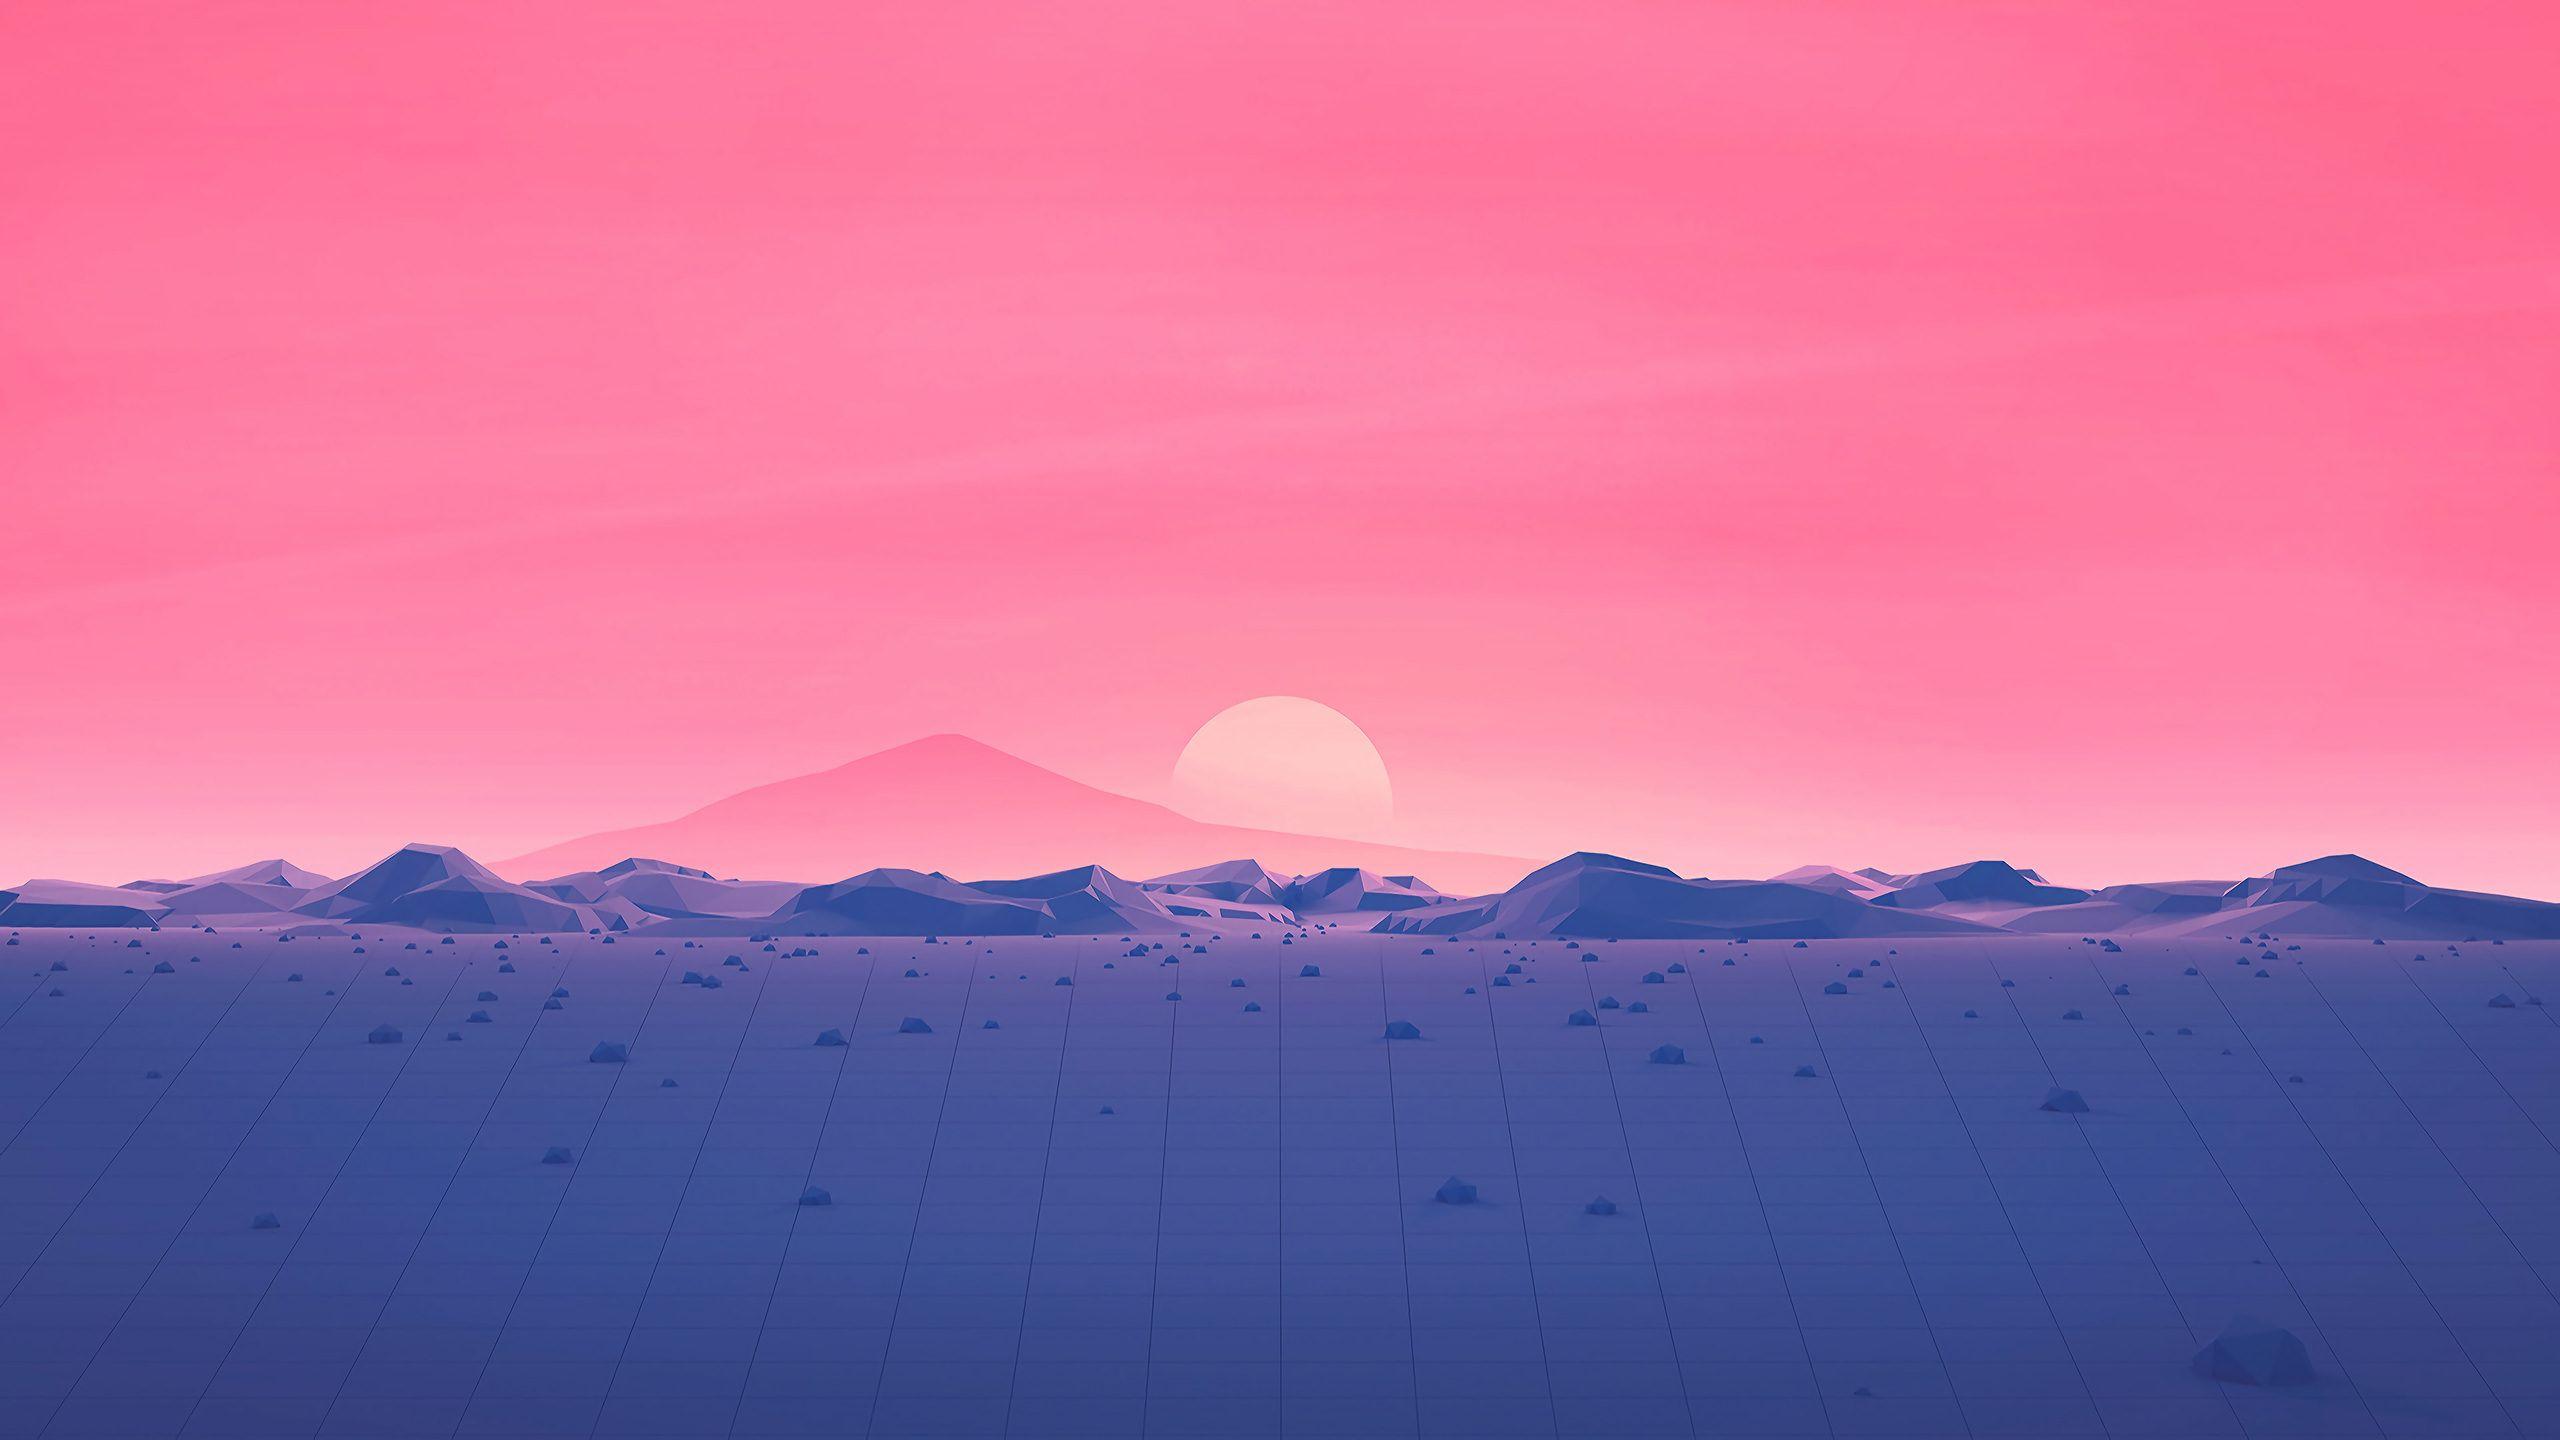 Polygon Surface Mountains Sunset 2560x1440 Aesthetic Desktop Wallpaper Sunset Wallpaper Computer Wallpaper